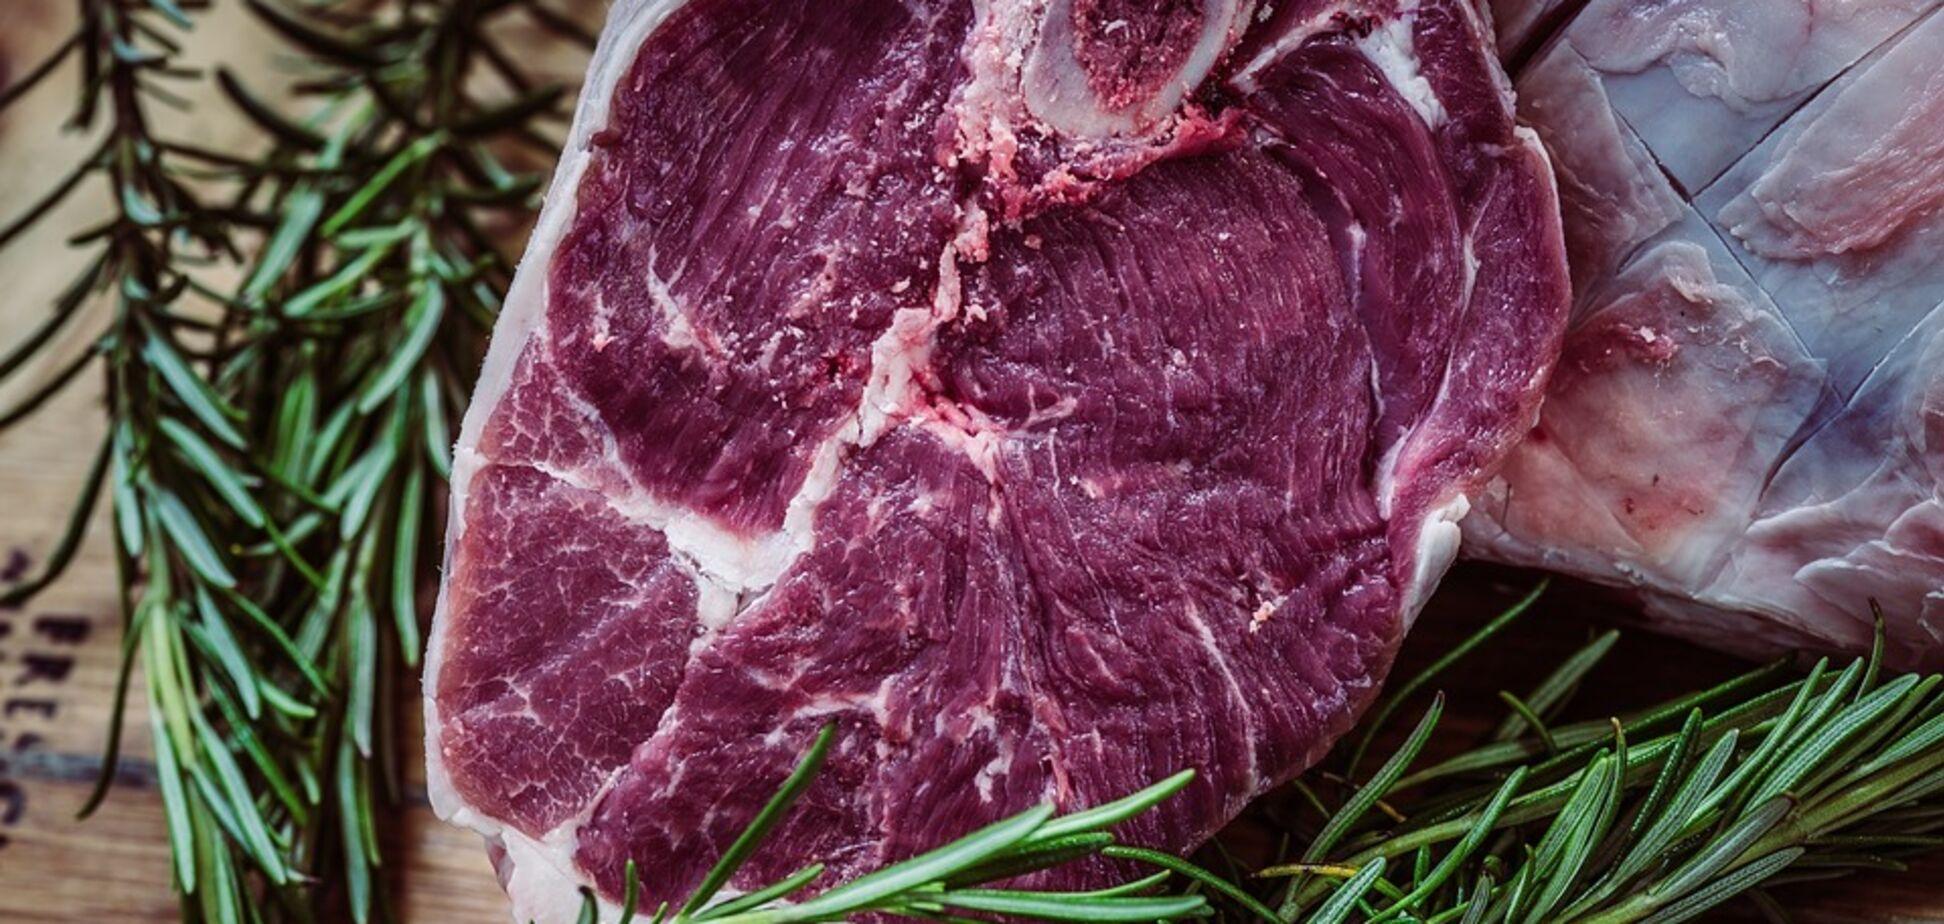 Употребление красного мяса связано с повышением уровня холестерина в крови